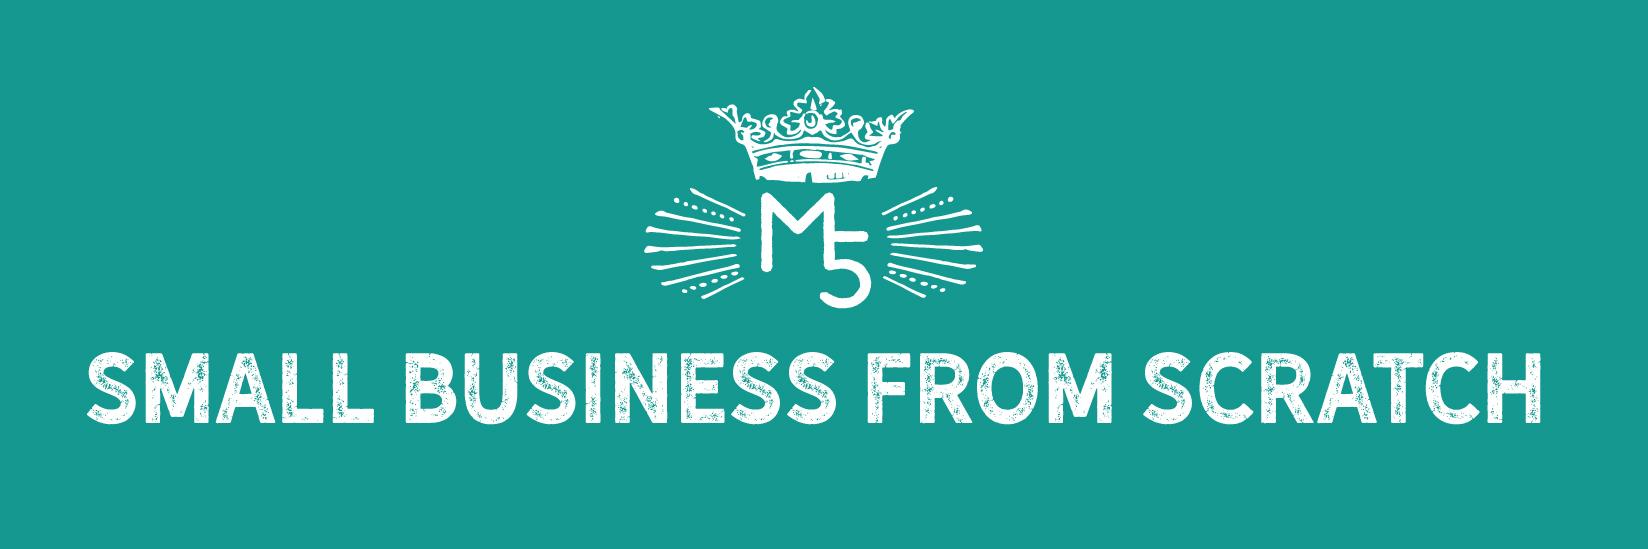 small-business-scratch-banner2.jpg